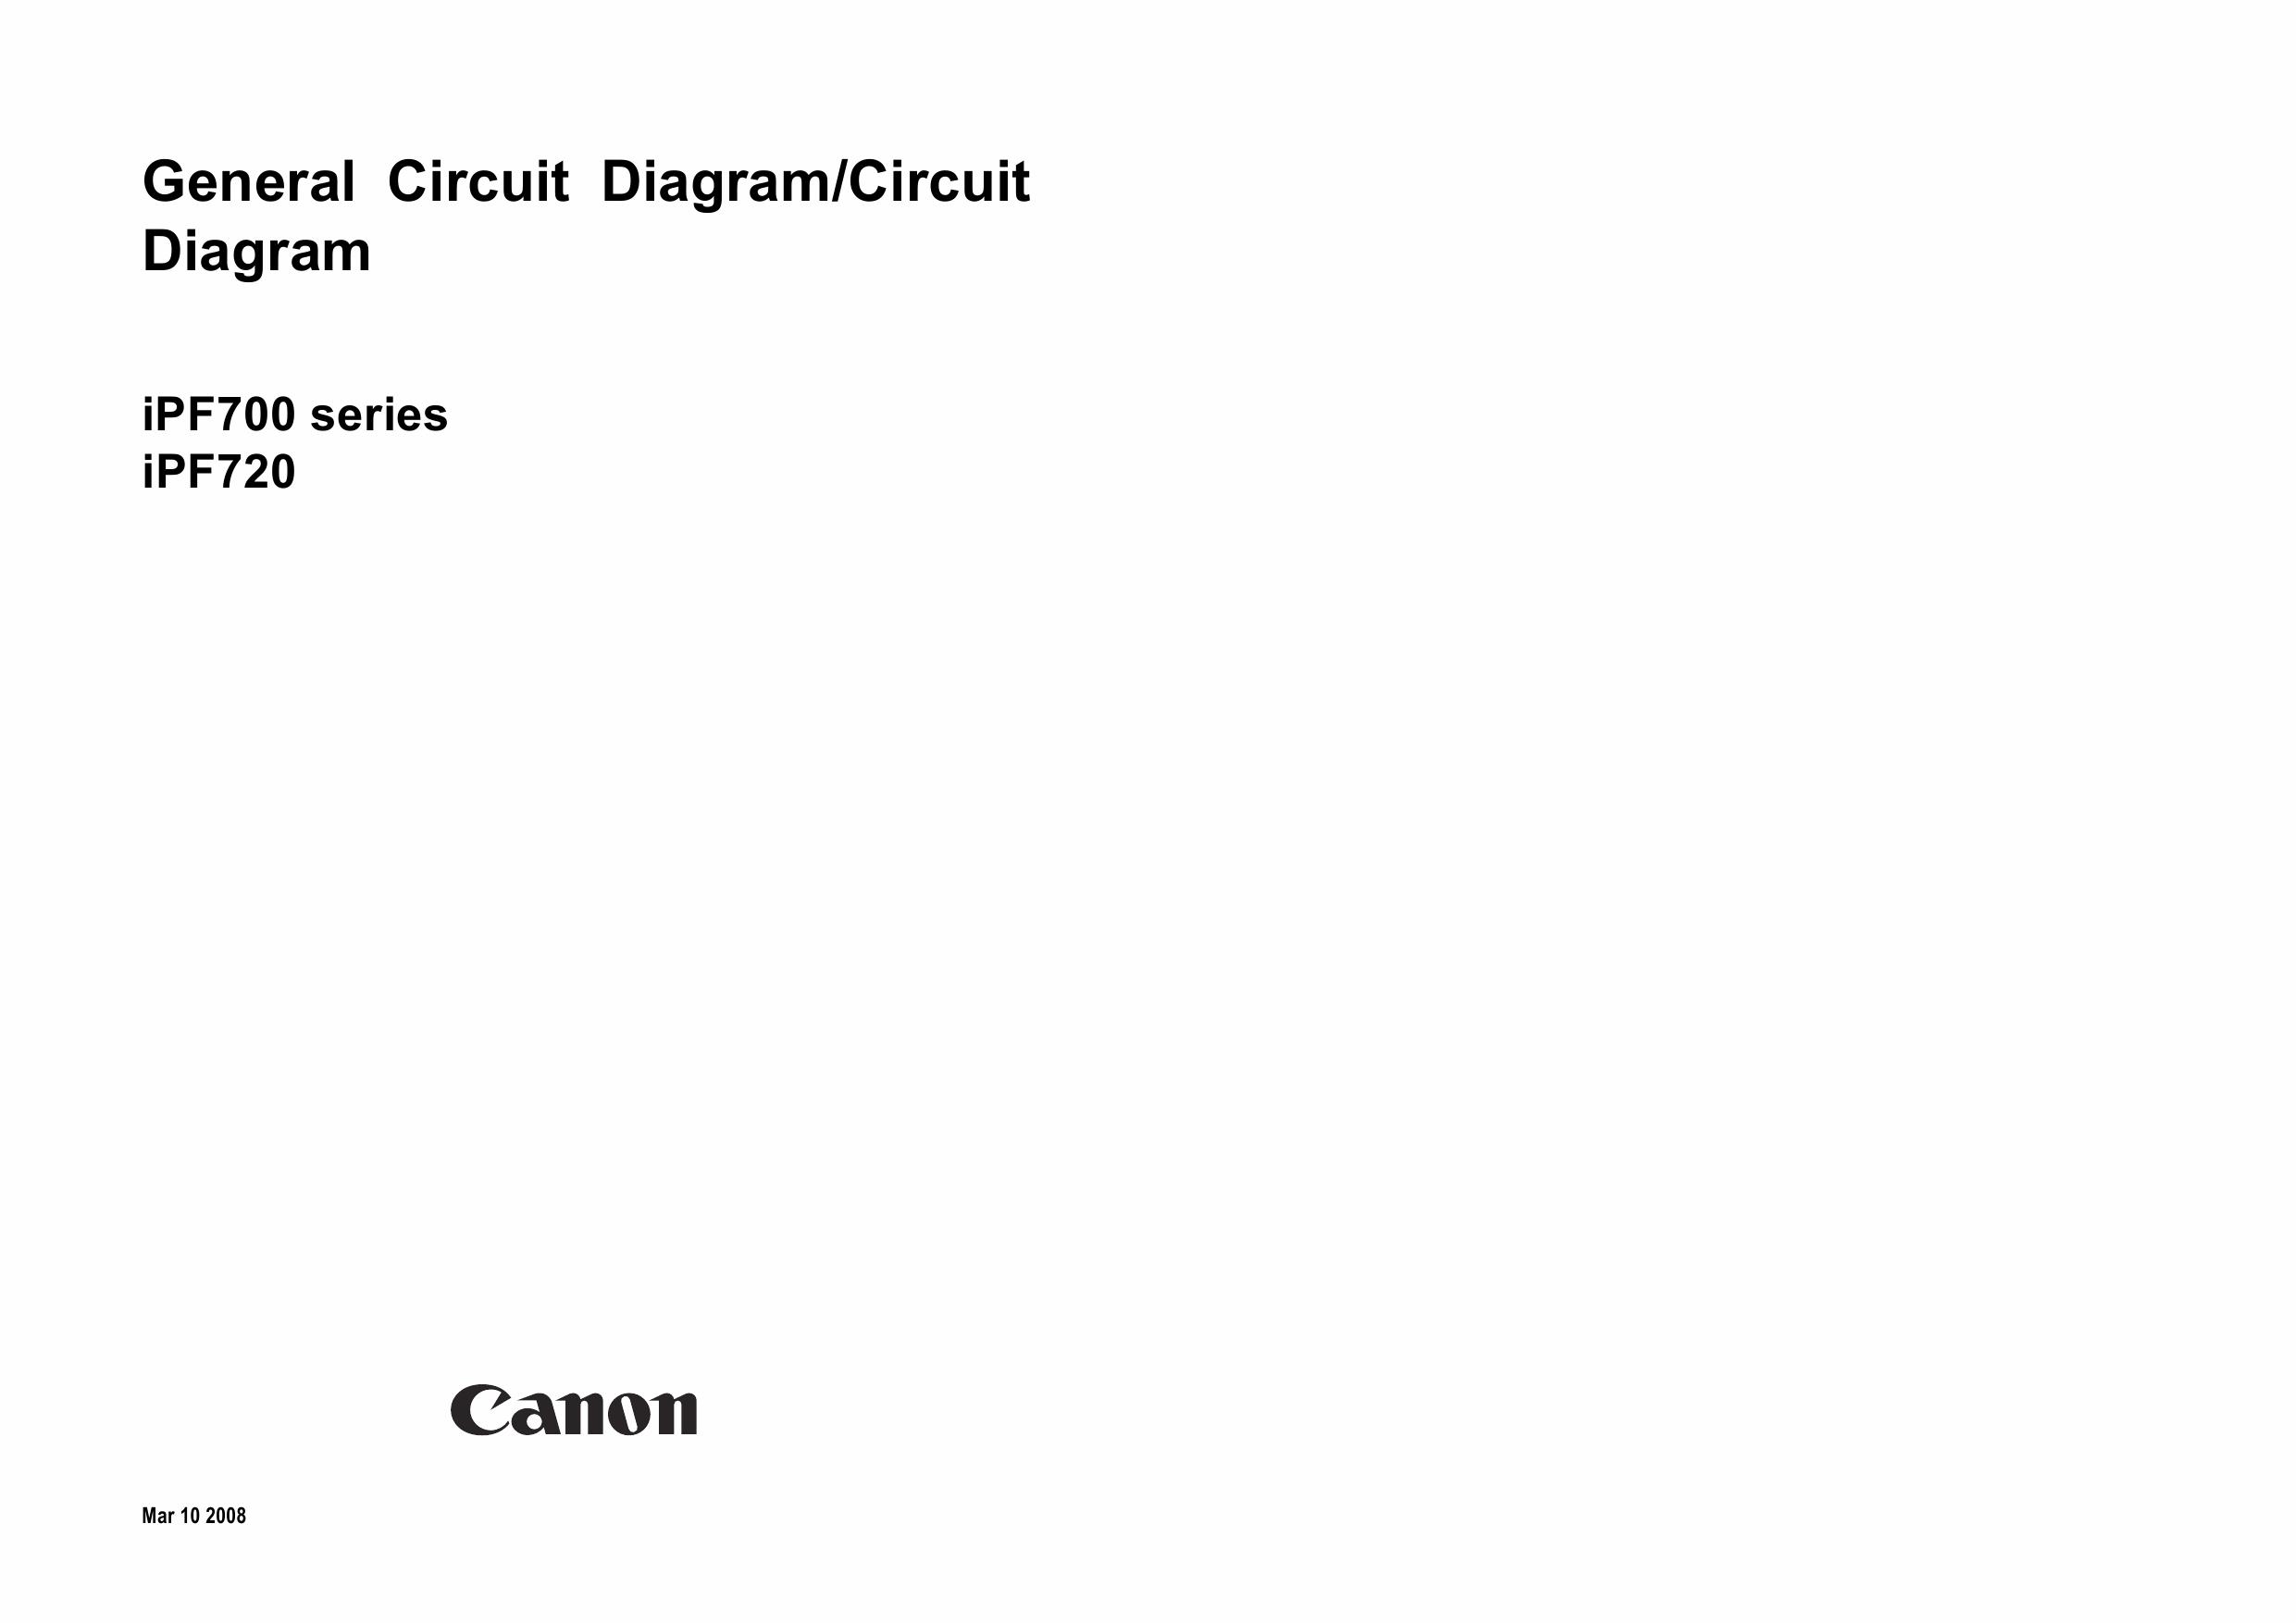 Canon Imageprograf Ipf720 Circuit Diagram